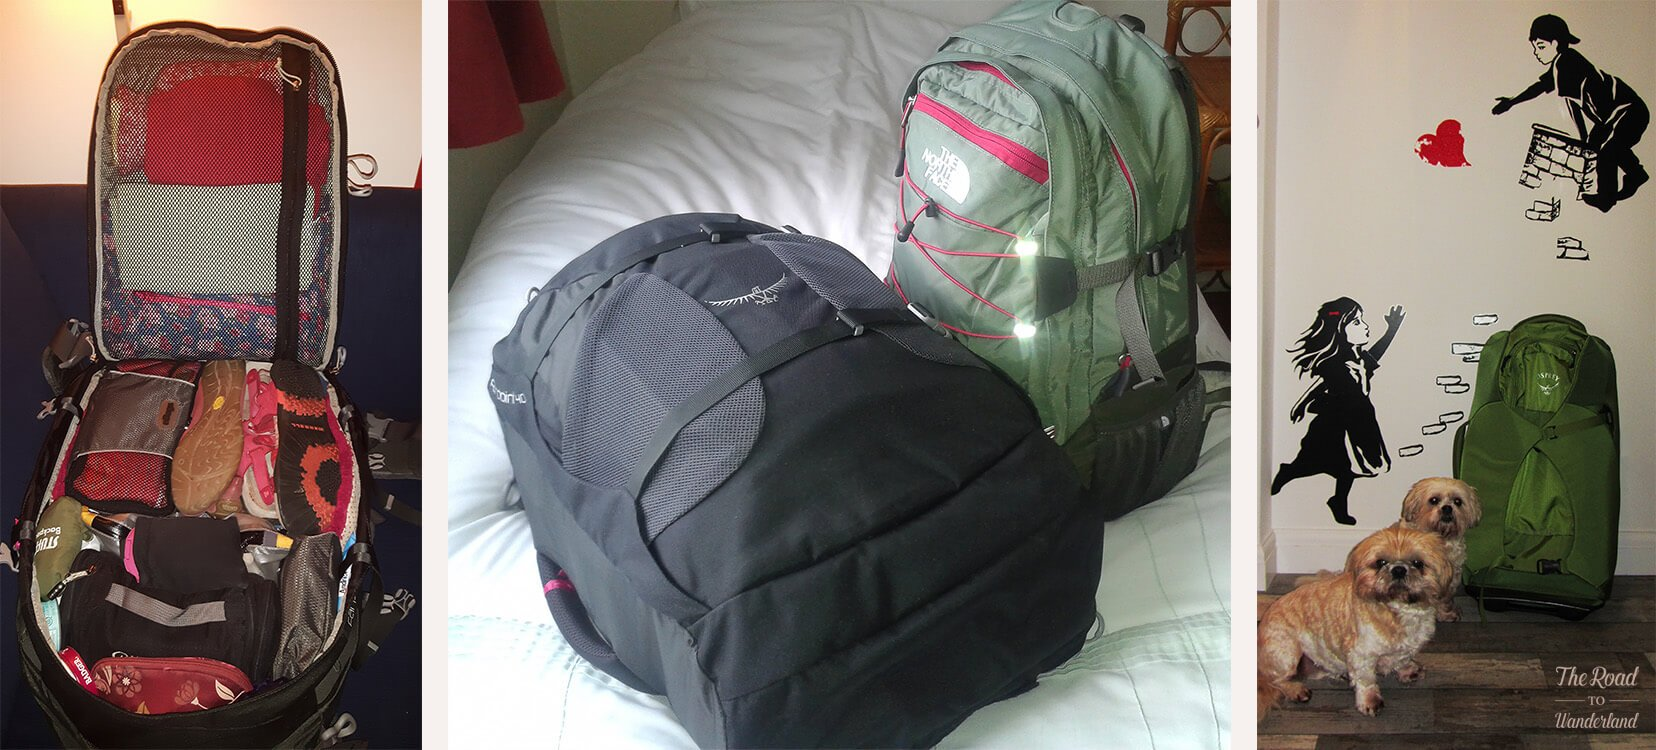 My digital nomad luggage